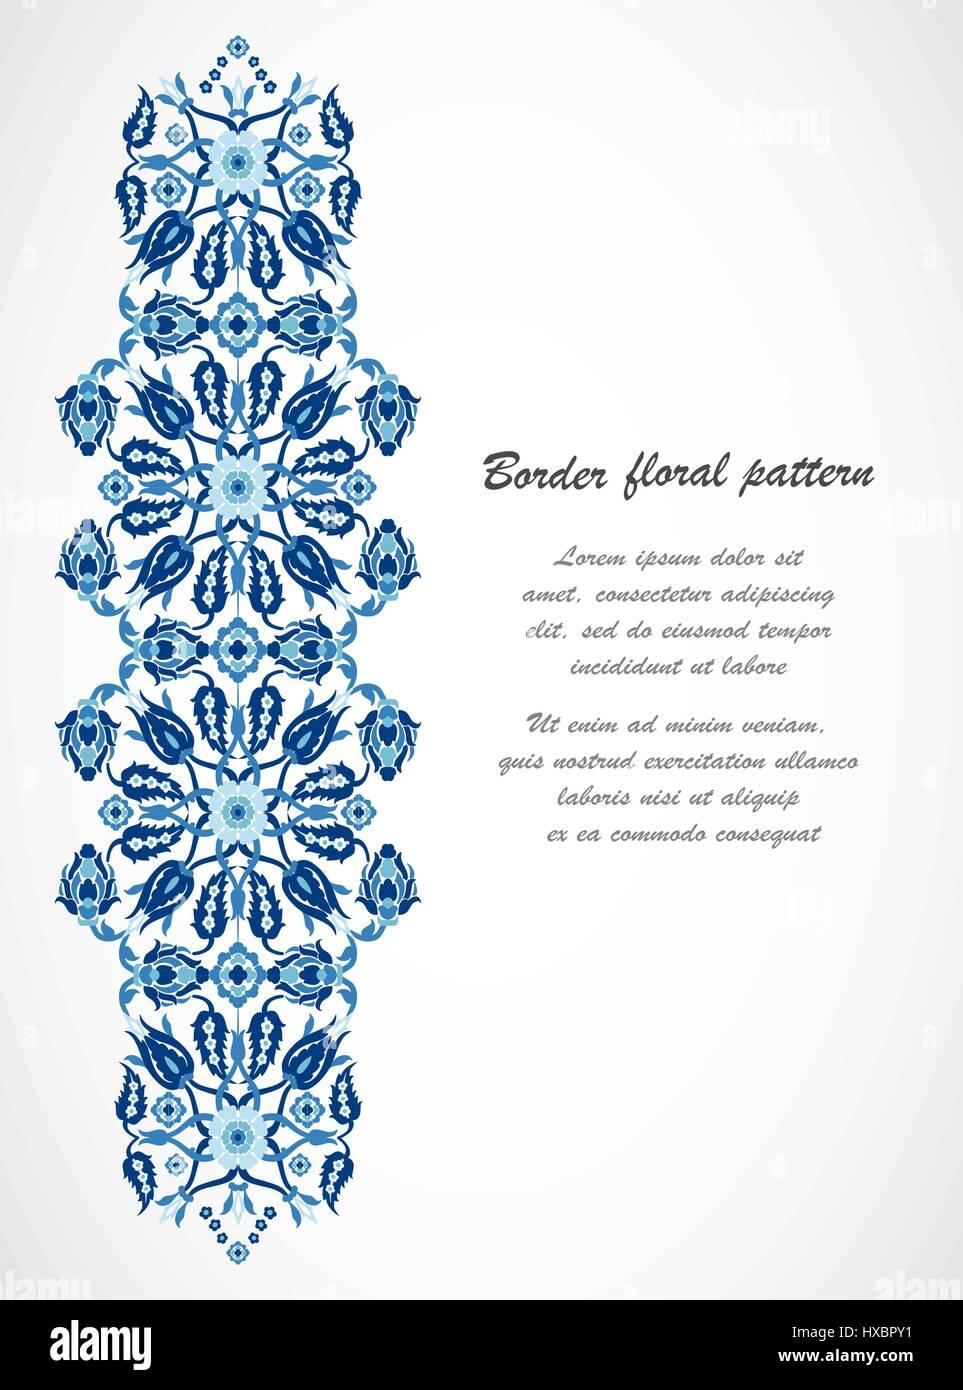 Arabesque vintage ornate border damask floral decoration print for ...